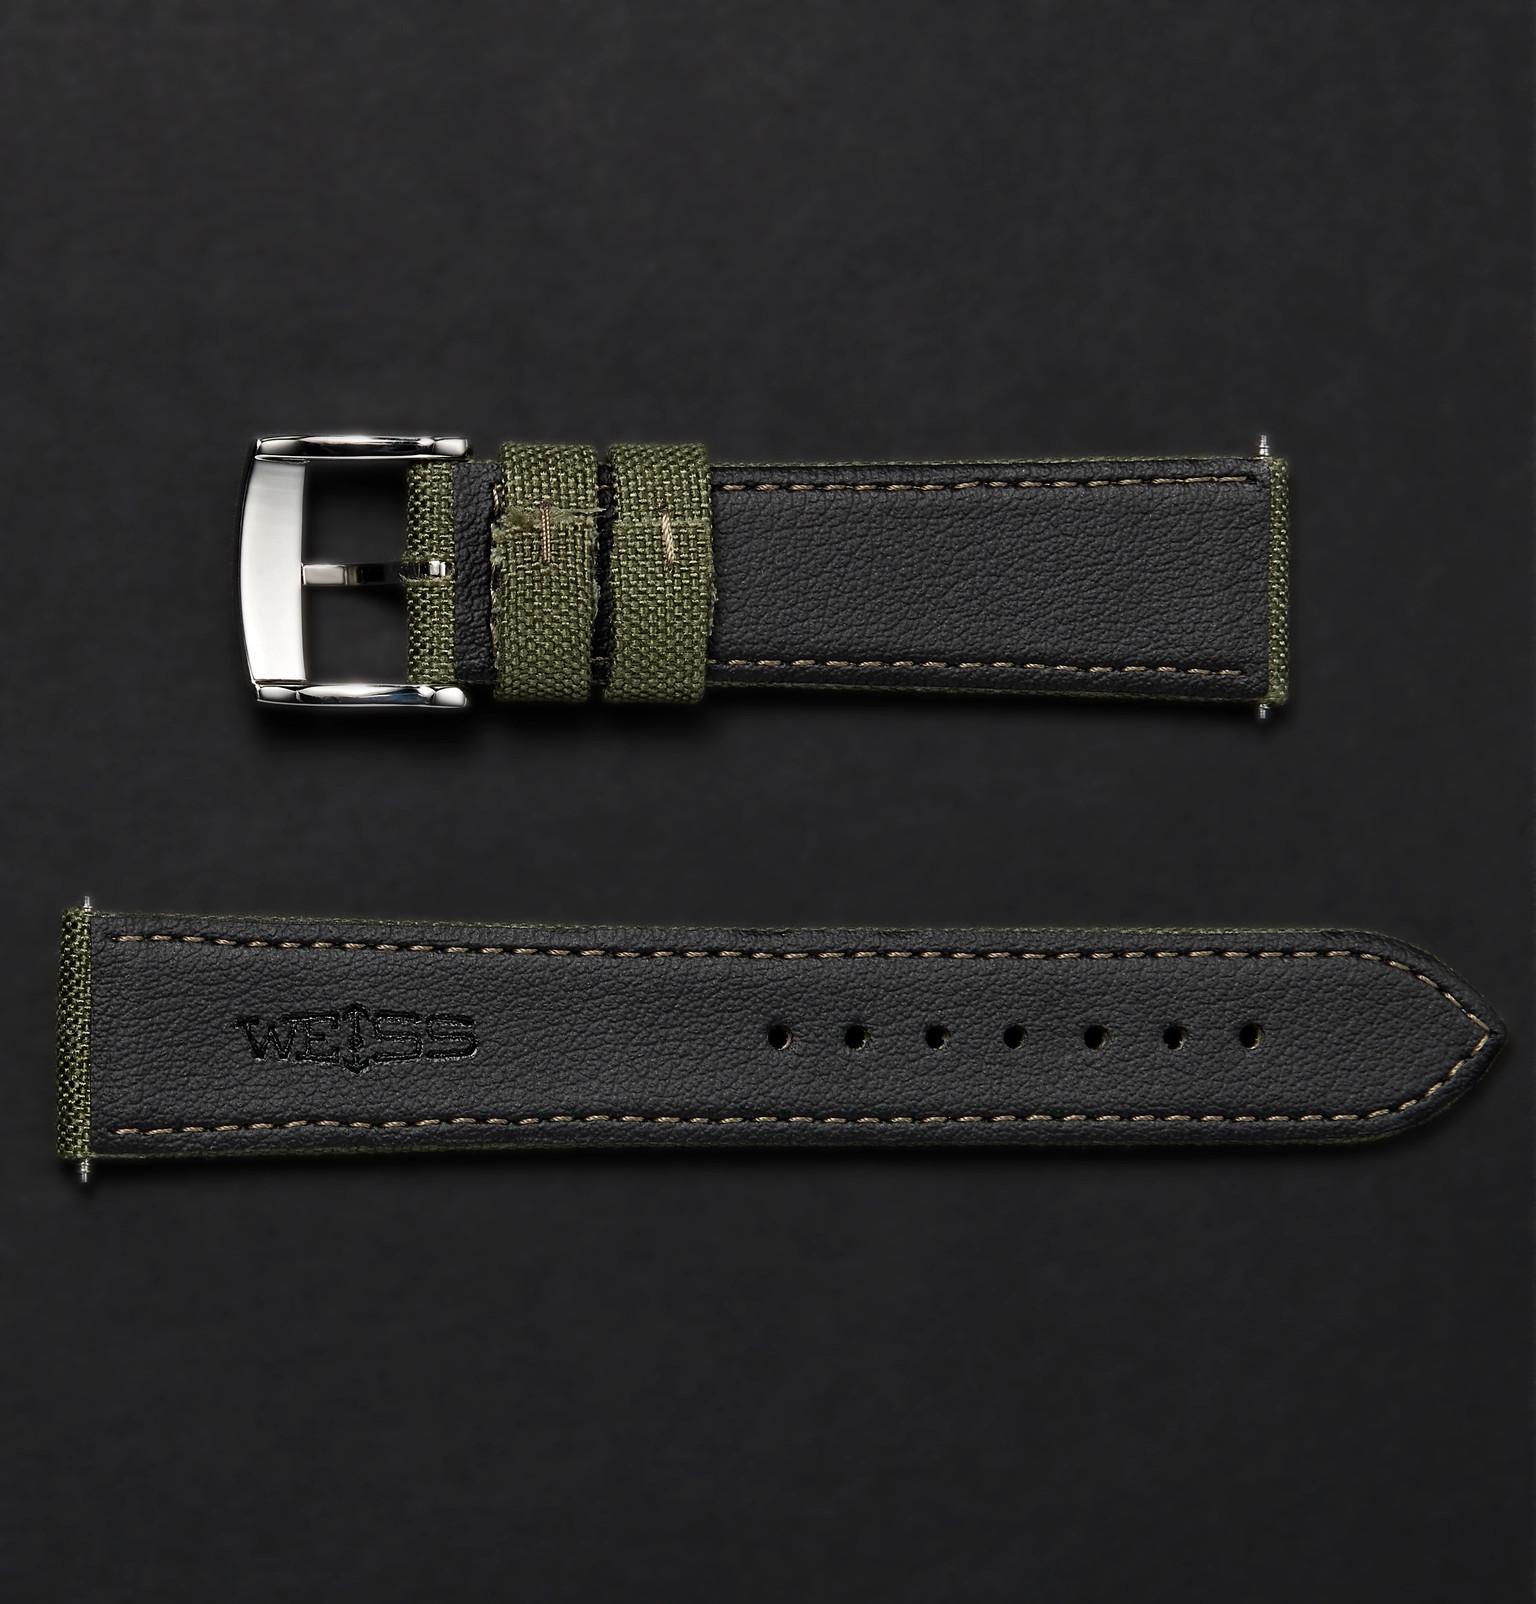 a2f68d2d81f Weiss - Green Cordura Watch Strap for Men - Lyst. View fullscreen